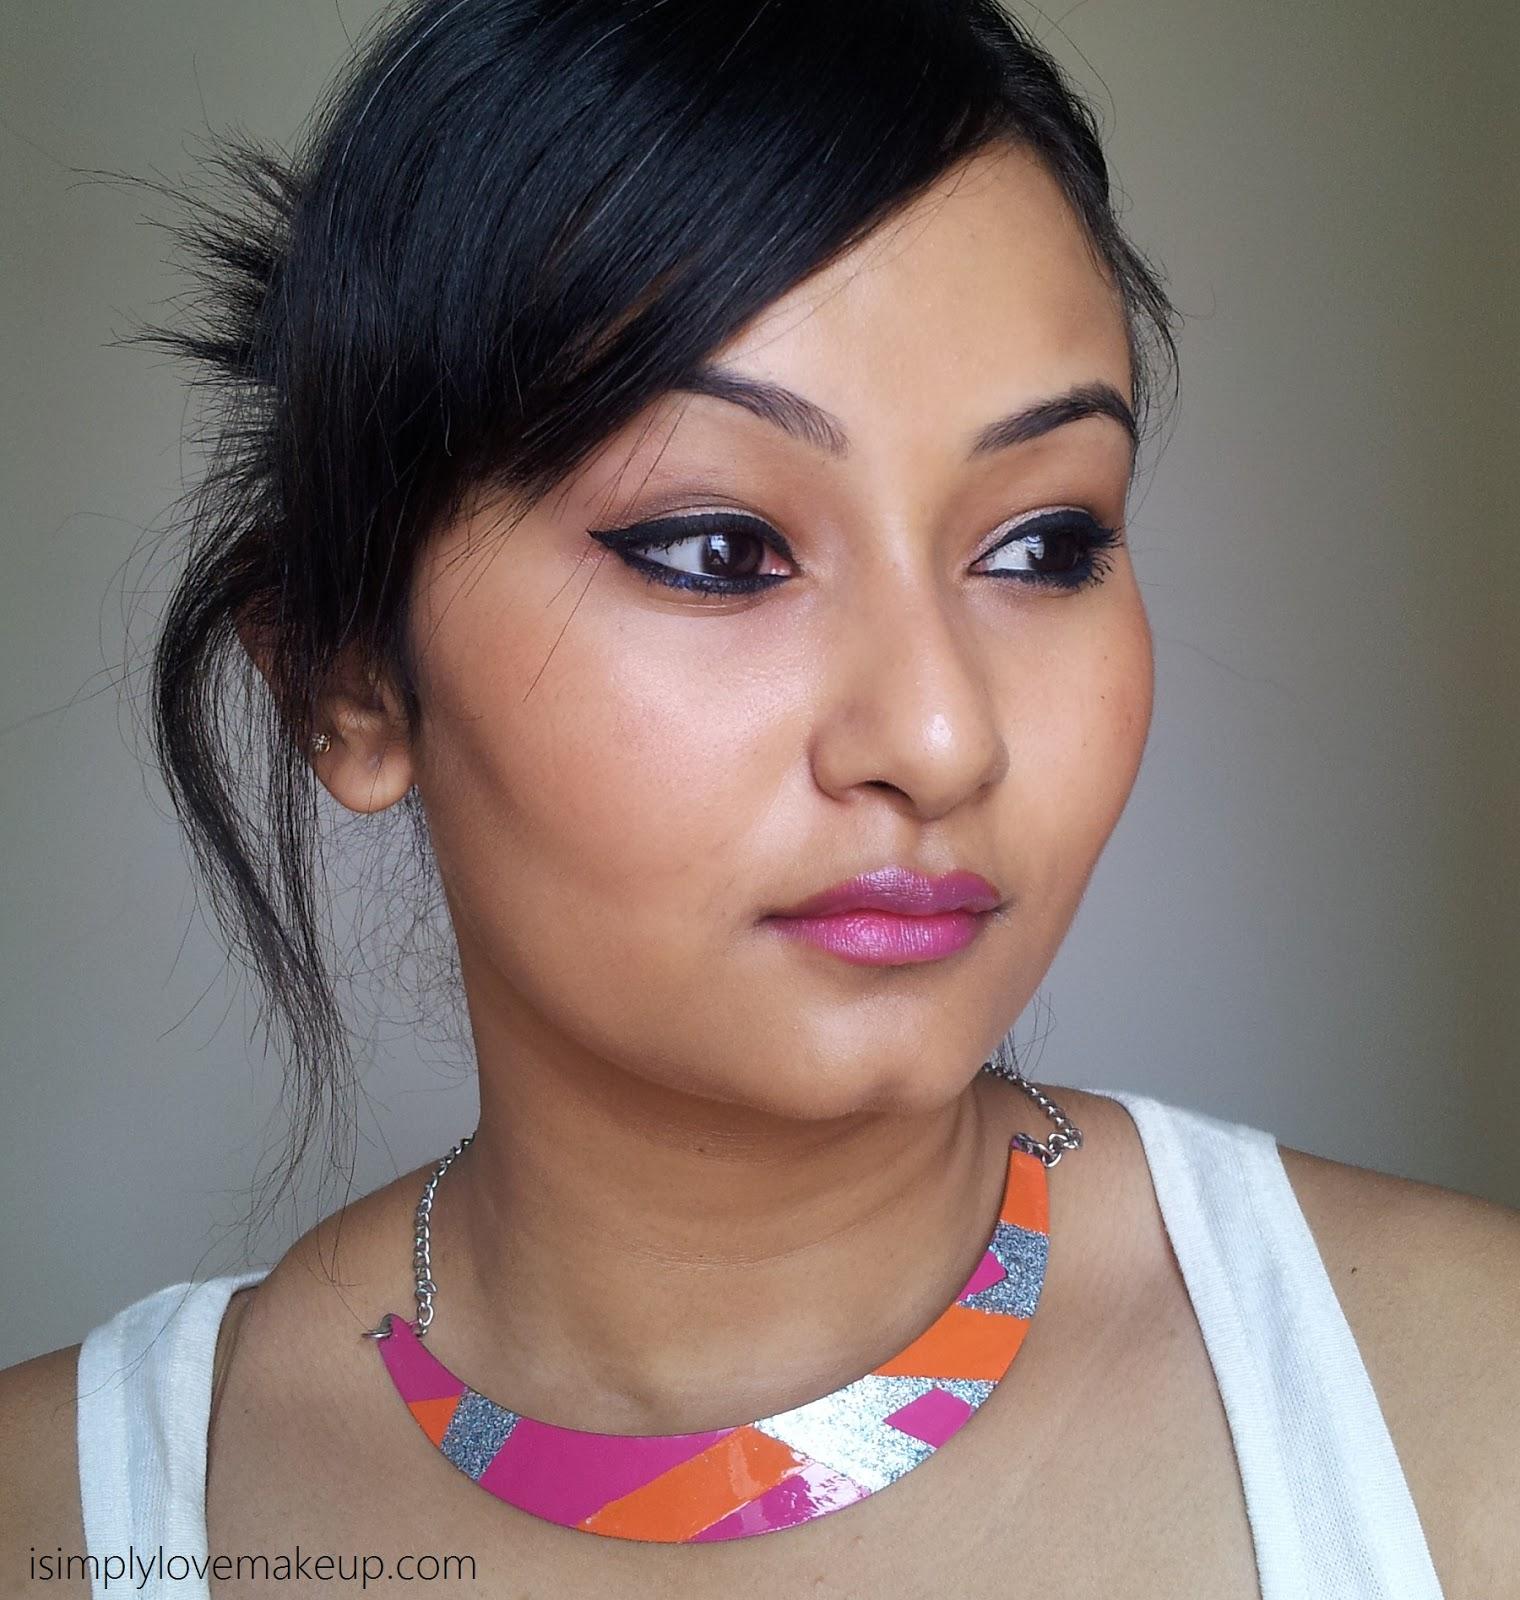 L'Oreal Paris Rouge Caresse Lipsticks - Rock N Mauve